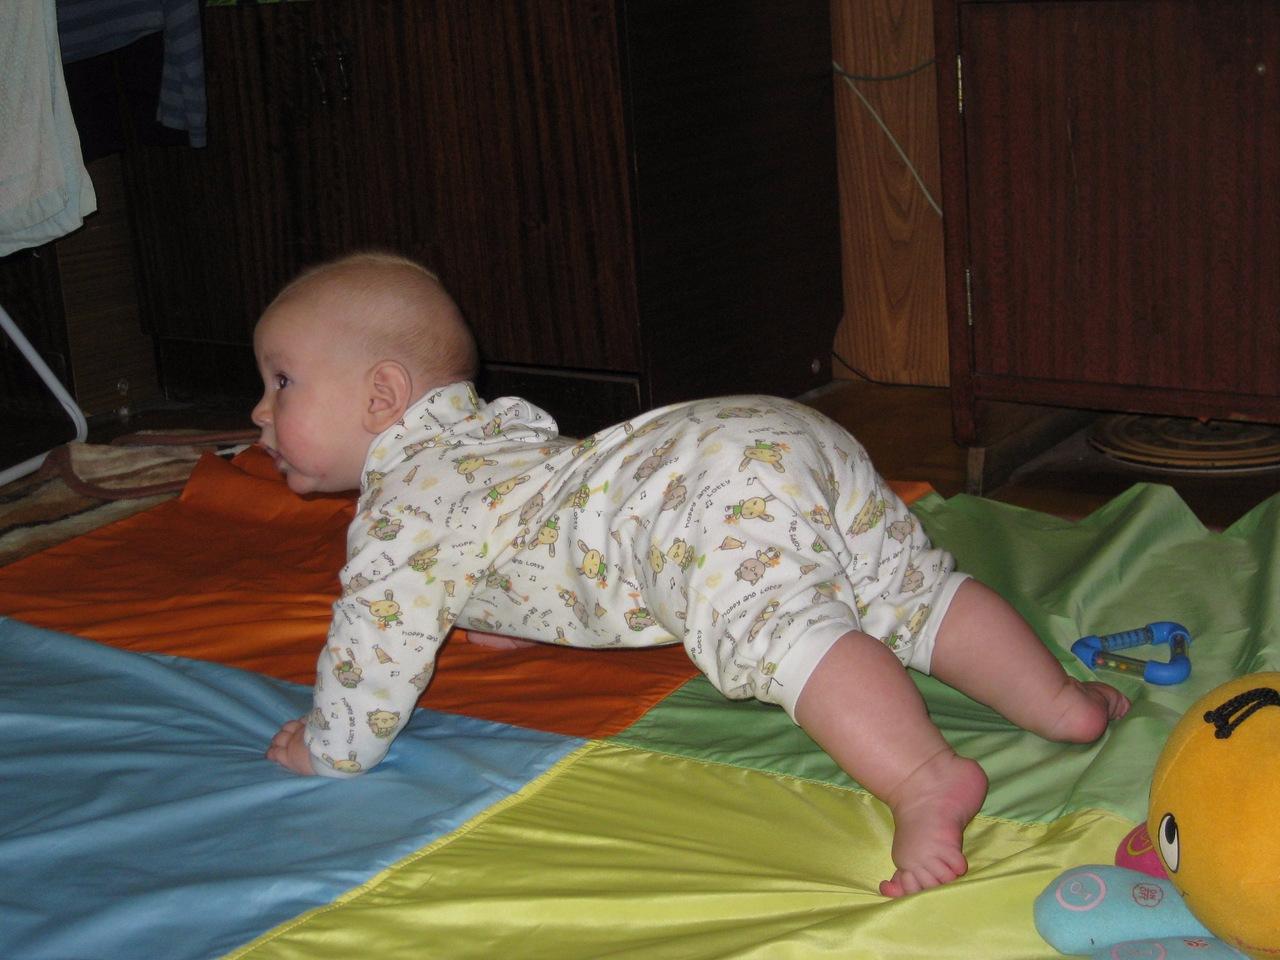 Зачем и как сделать прививку бцж новорожденному?